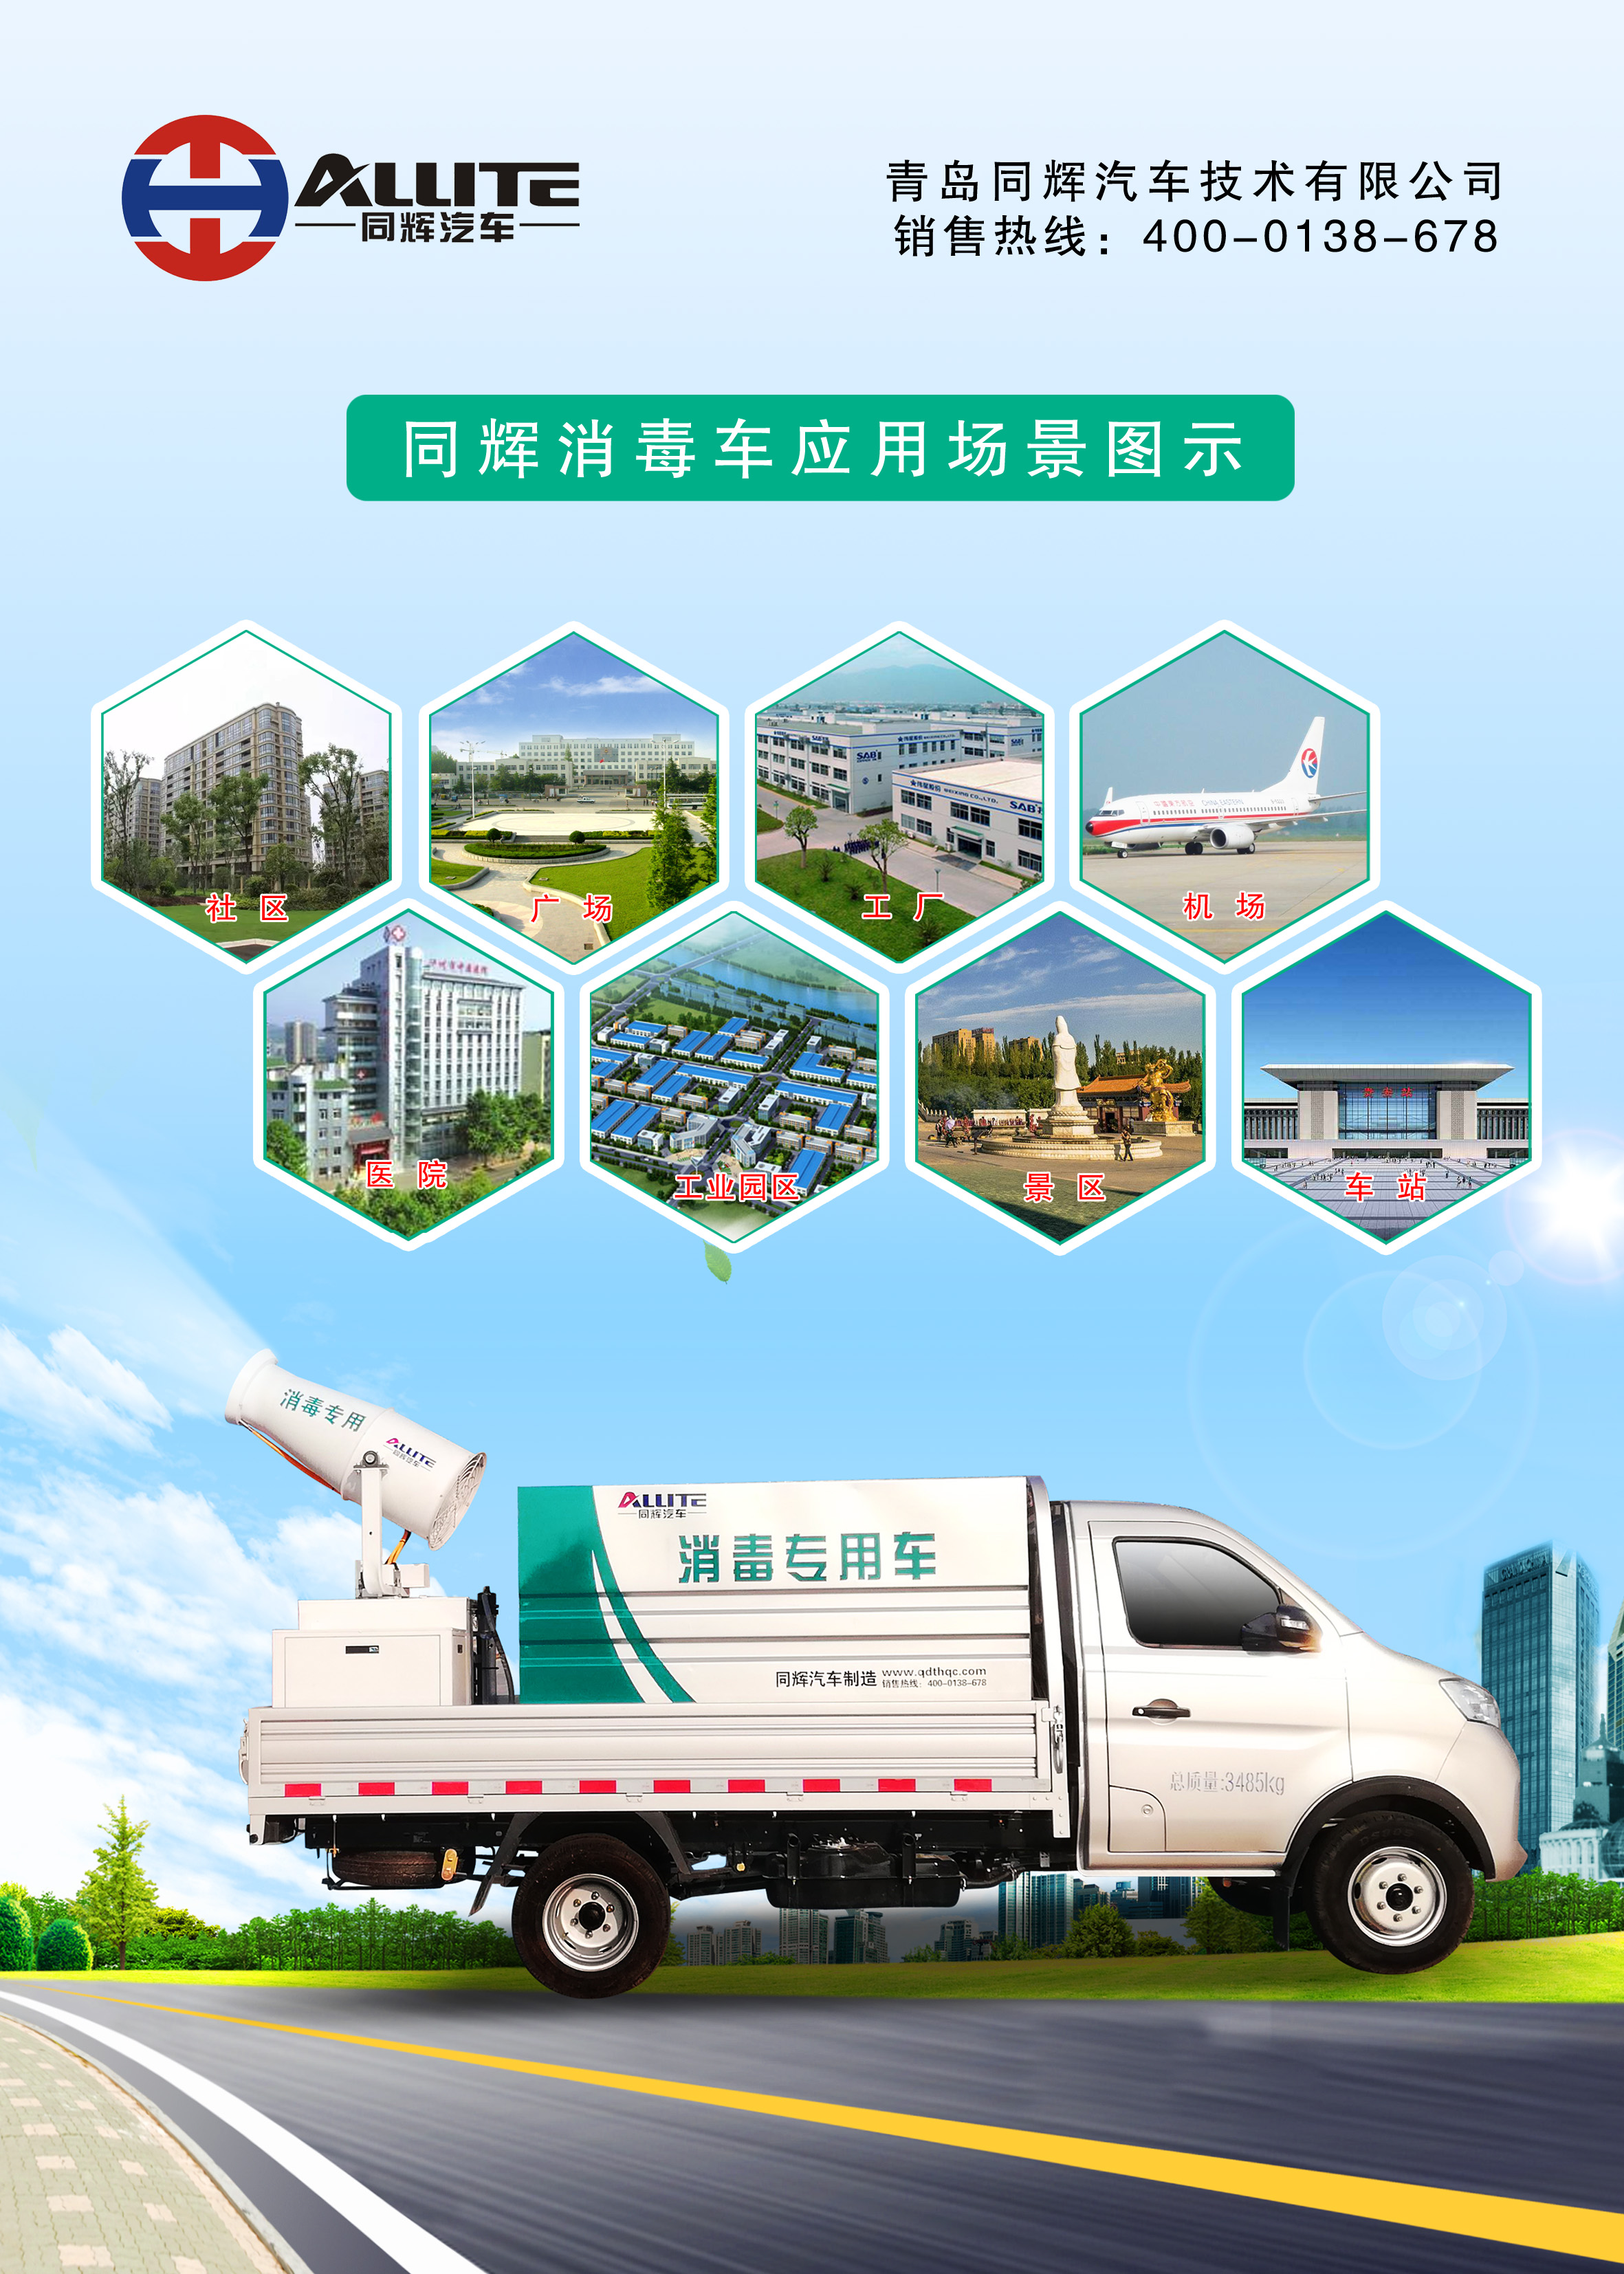 同辉汽车自装卸式垃圾车作业视频视频